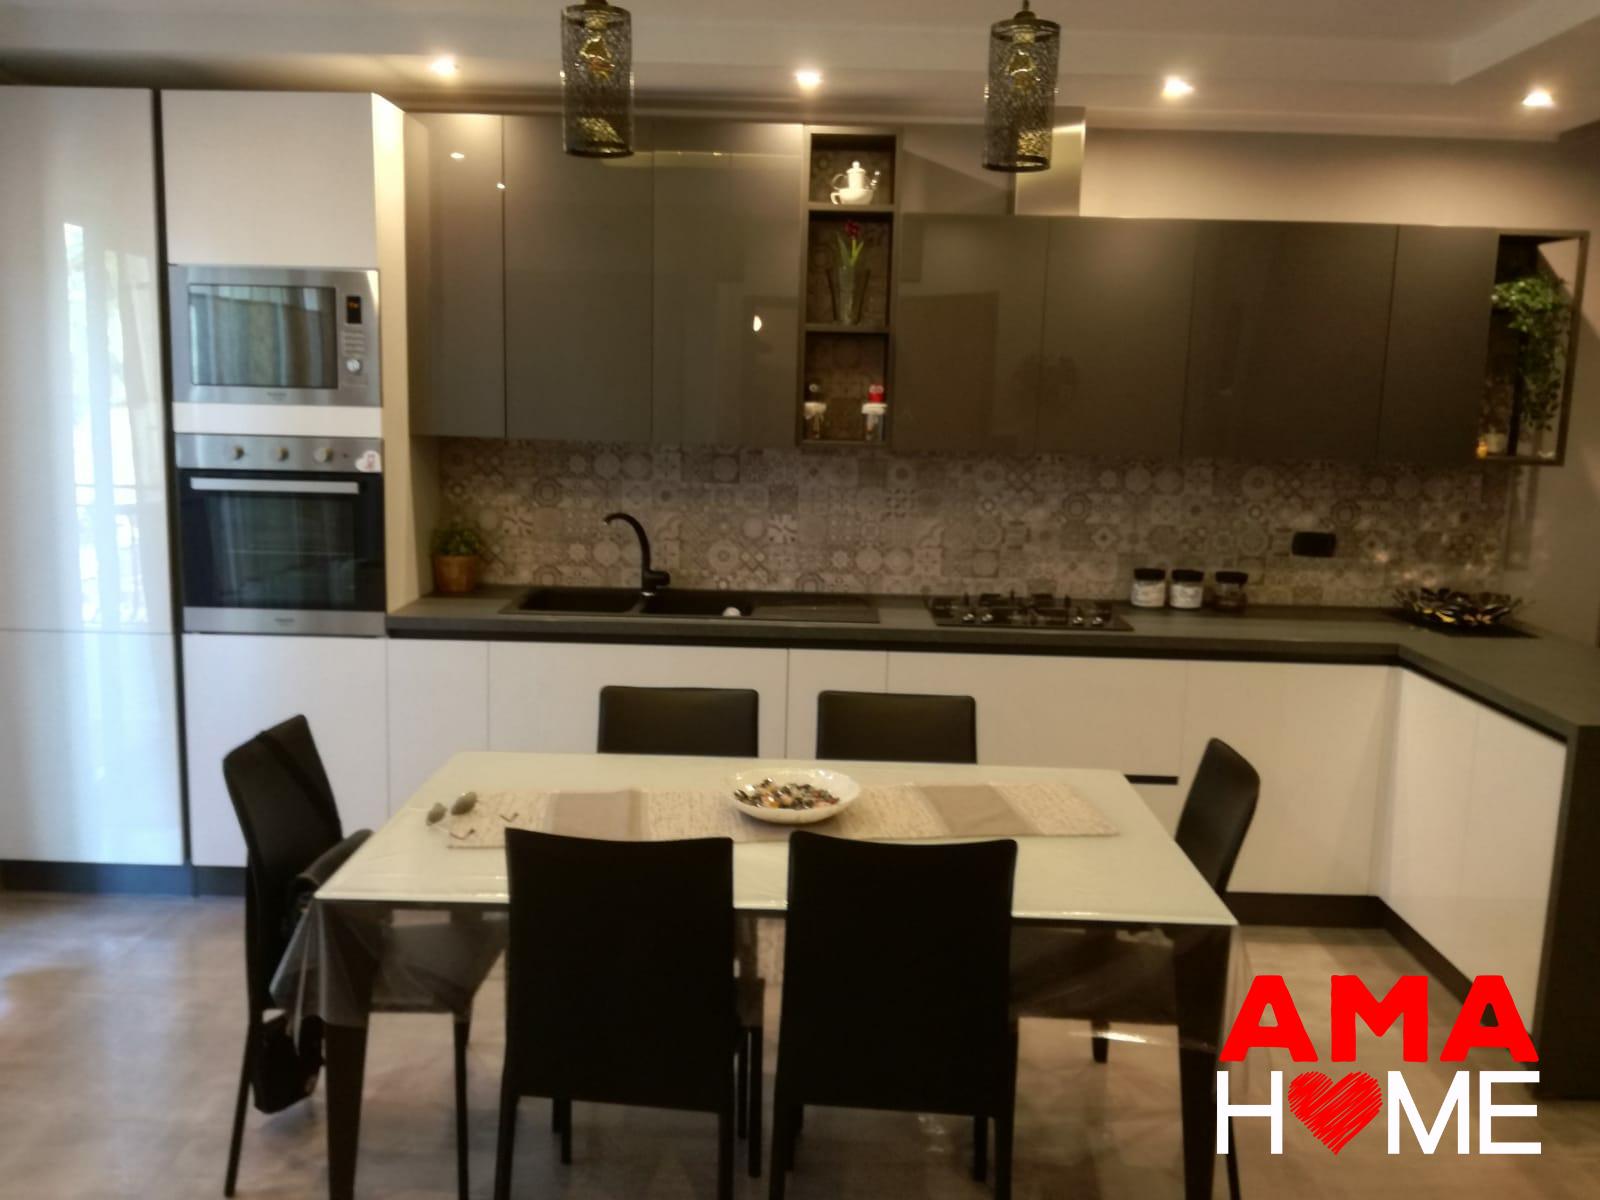 Tavolo Bianco E Nero Cucina.Come Arredare Una Cucina Moderna In Bianco E Nero Amahome